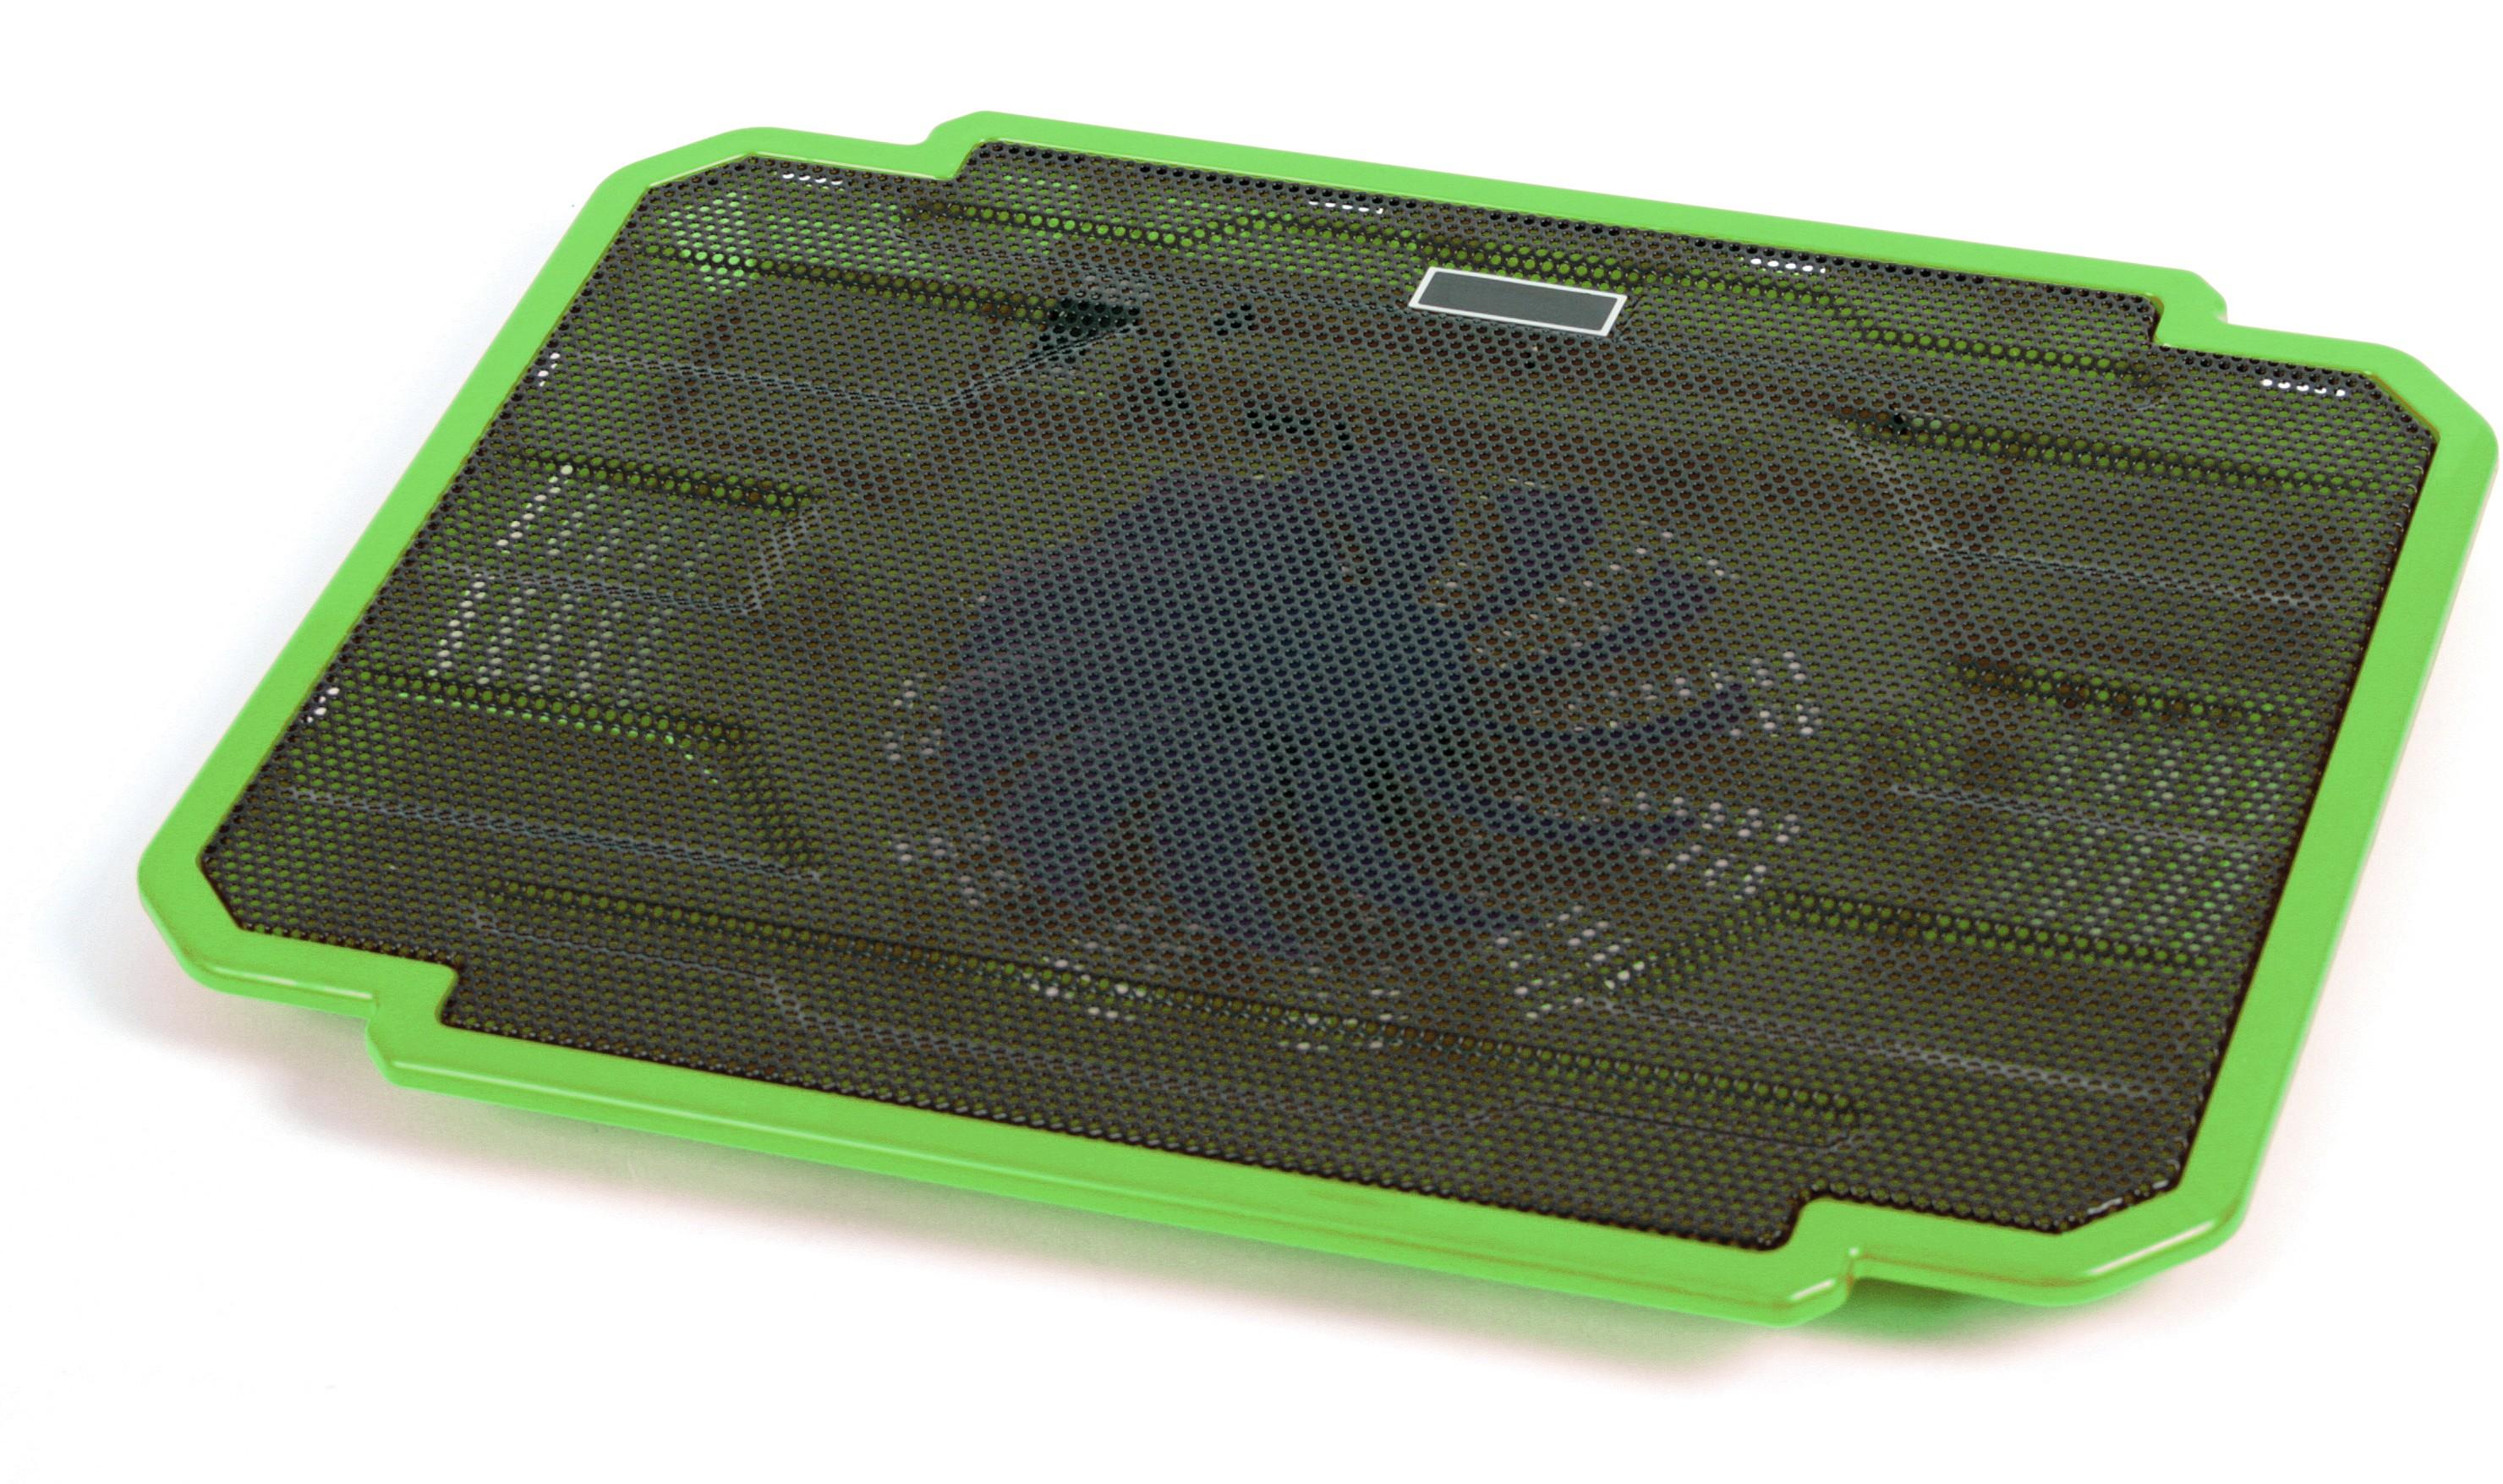 67e7db322f0 Omega sülearvuti jahutusalus Ice Box, roheline     PATMAR